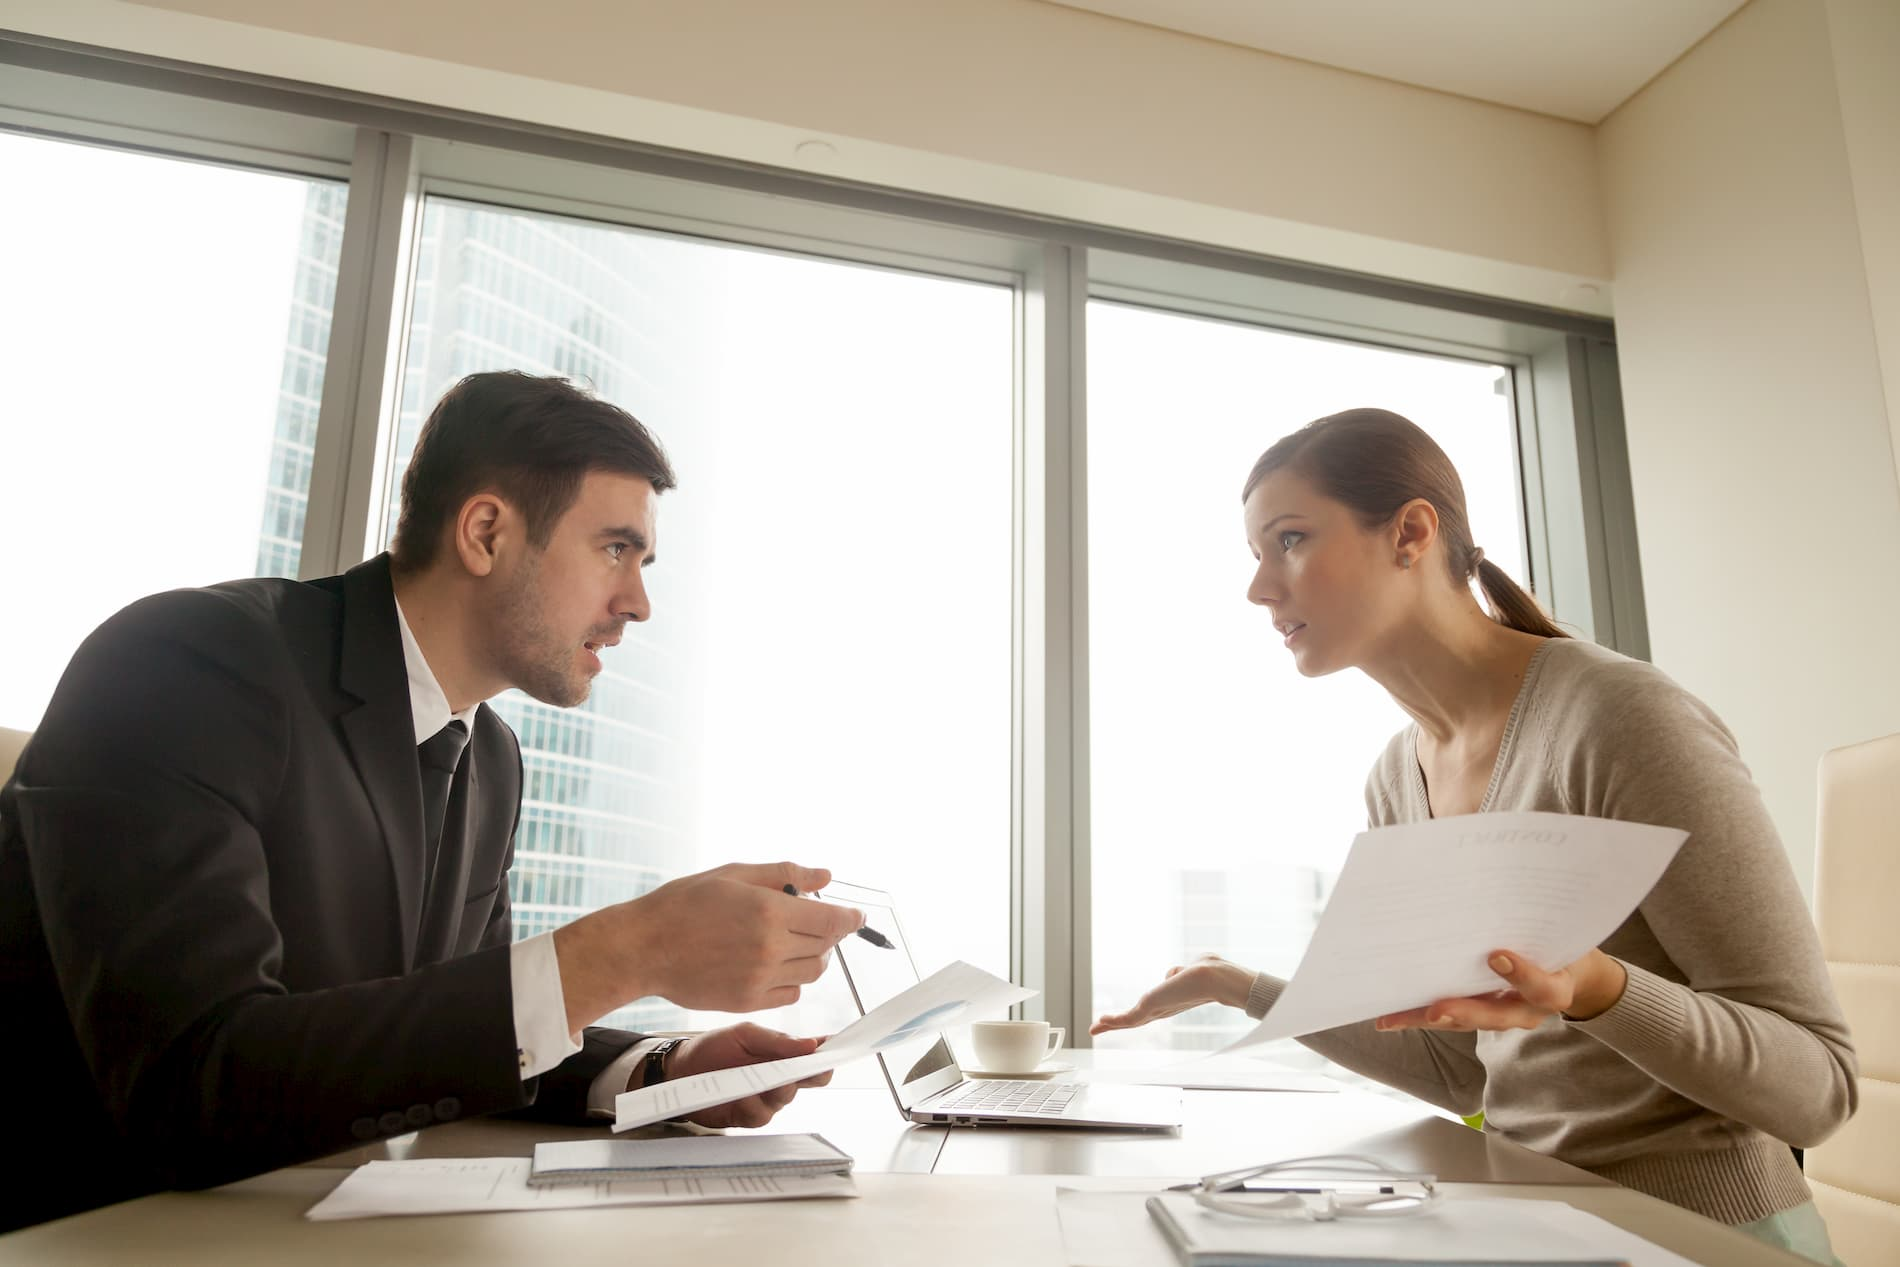 Aufhebungsvertrag:Das sollten Arbeitnehmer beachten